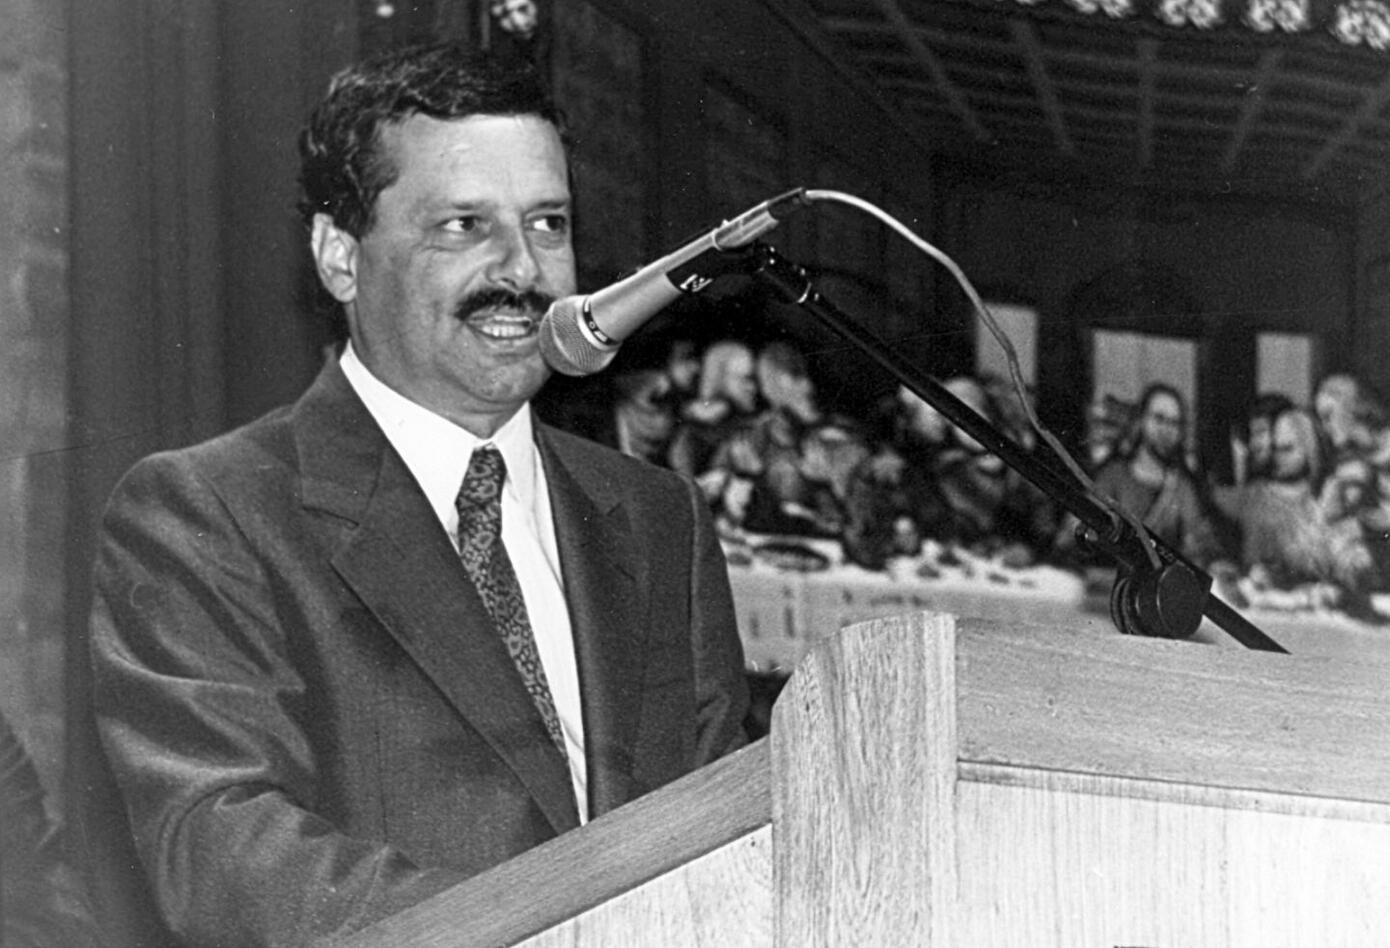 El gobernador de Antioquia, Antonio Roldán Betancur, fue asesinado el 4 de julio de 1989 en un atentado terrorista orquestado por Pablo Escobar Gaviria.